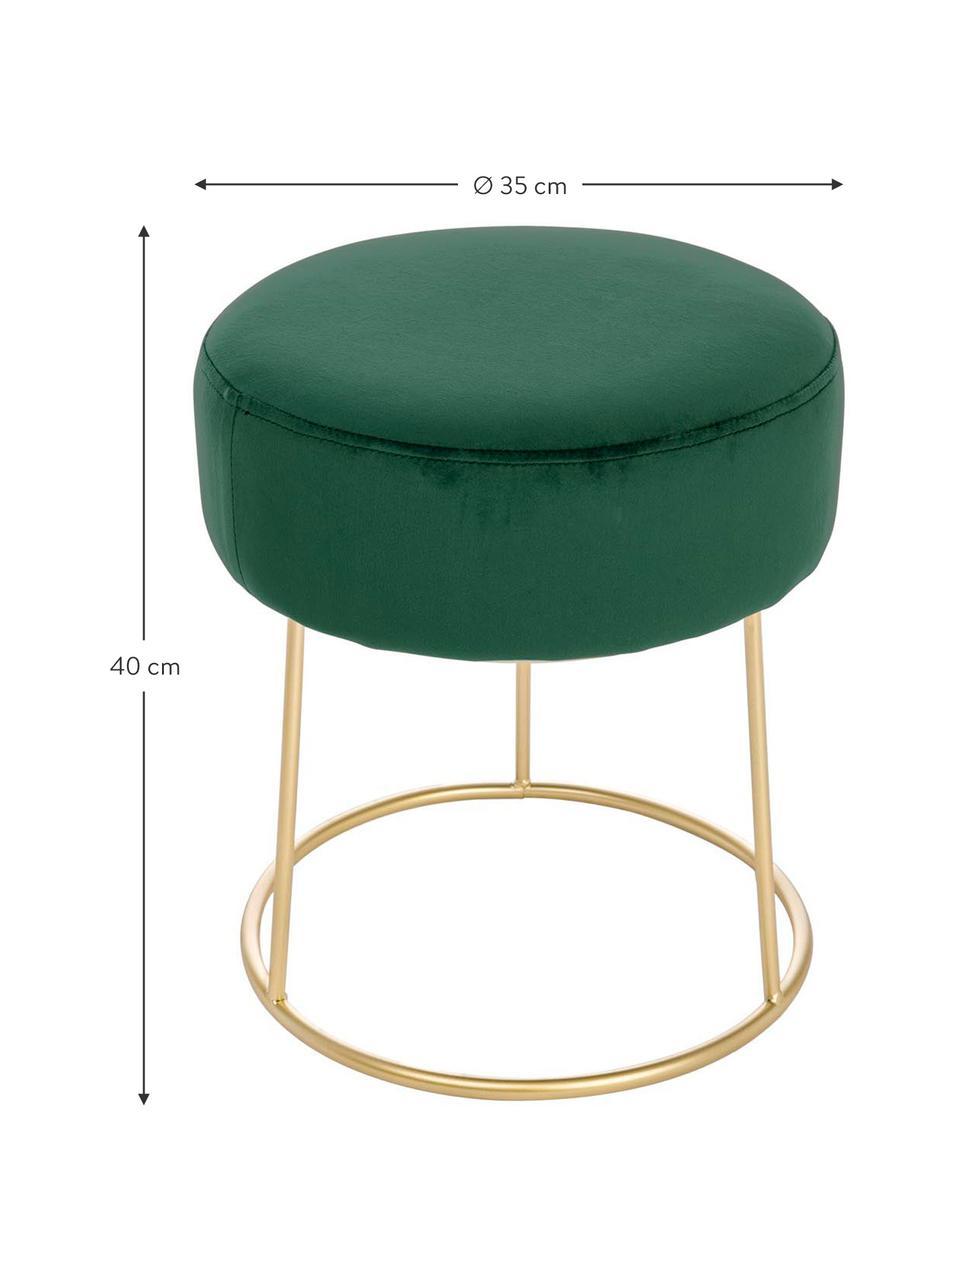 Runder Samt-Hocker Clarissa, Bezug: 100% Polyestersamt, Korpus: Mitteldichte Holzfaserpla, Bezug: GrünFuß: Goldfarben, Ø 35 x H 40 cm